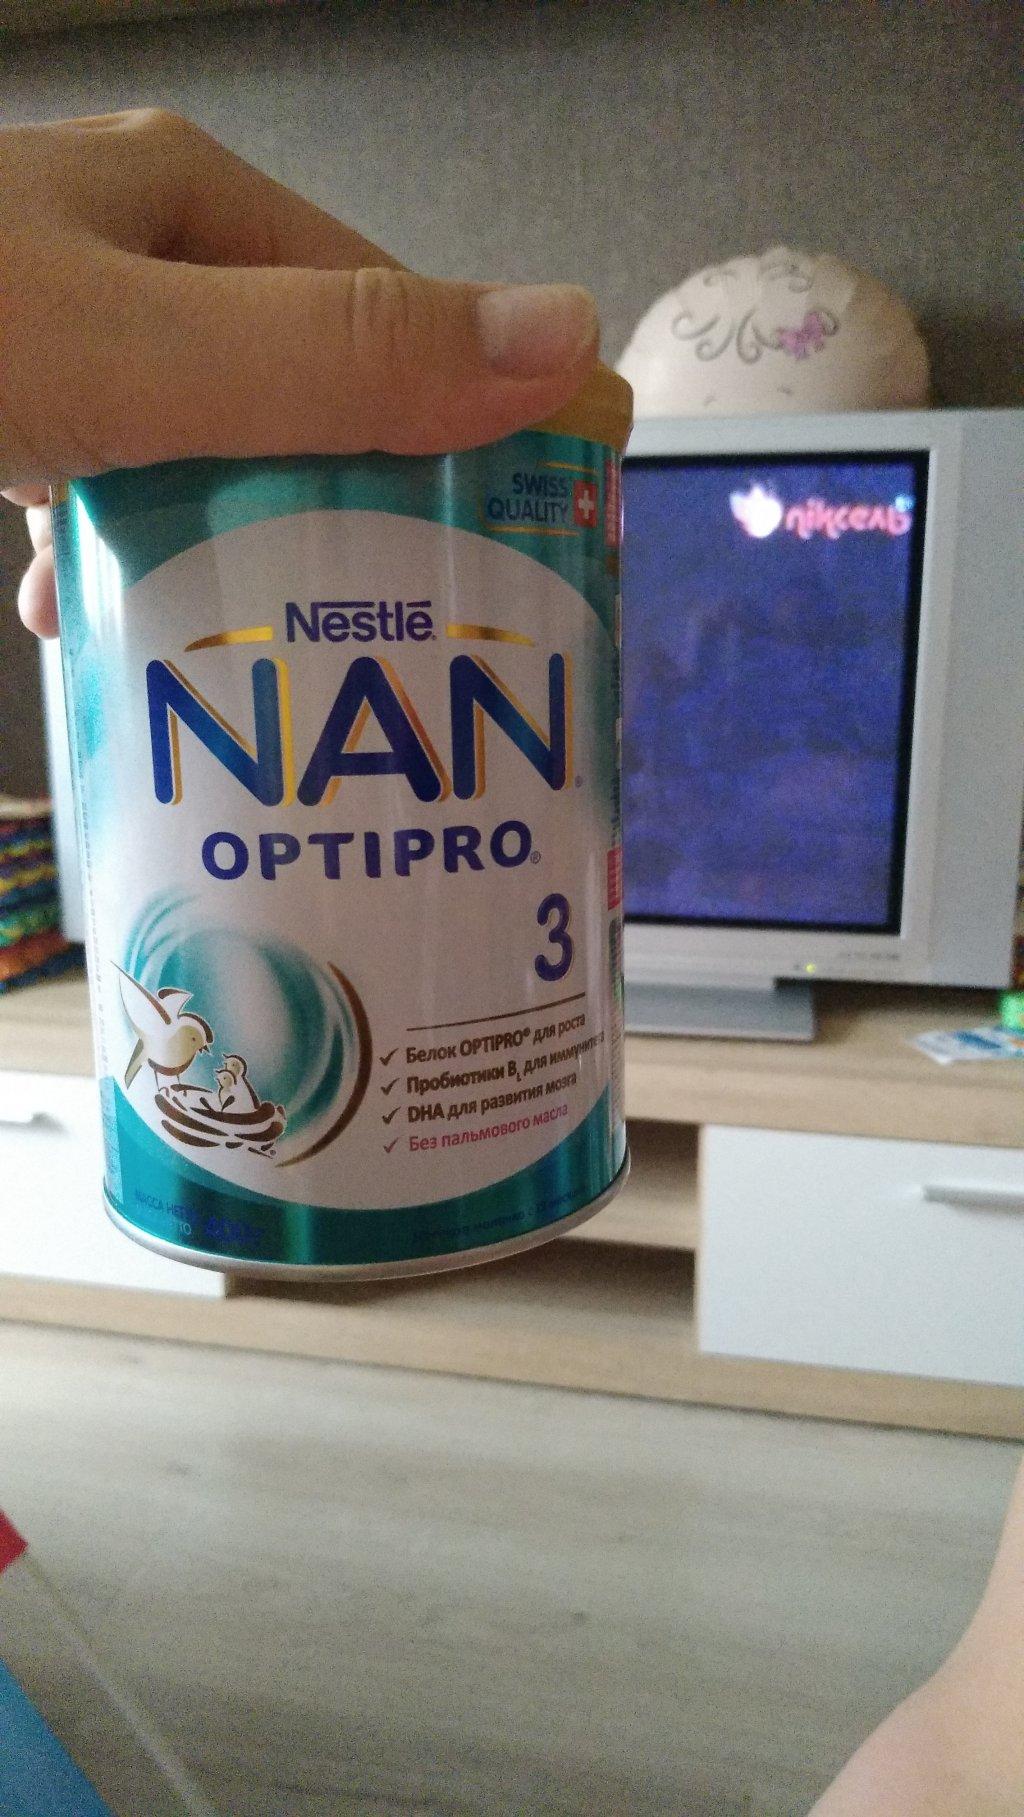 НАН - Няшная смесь NAN 3 Optipro от Nestle